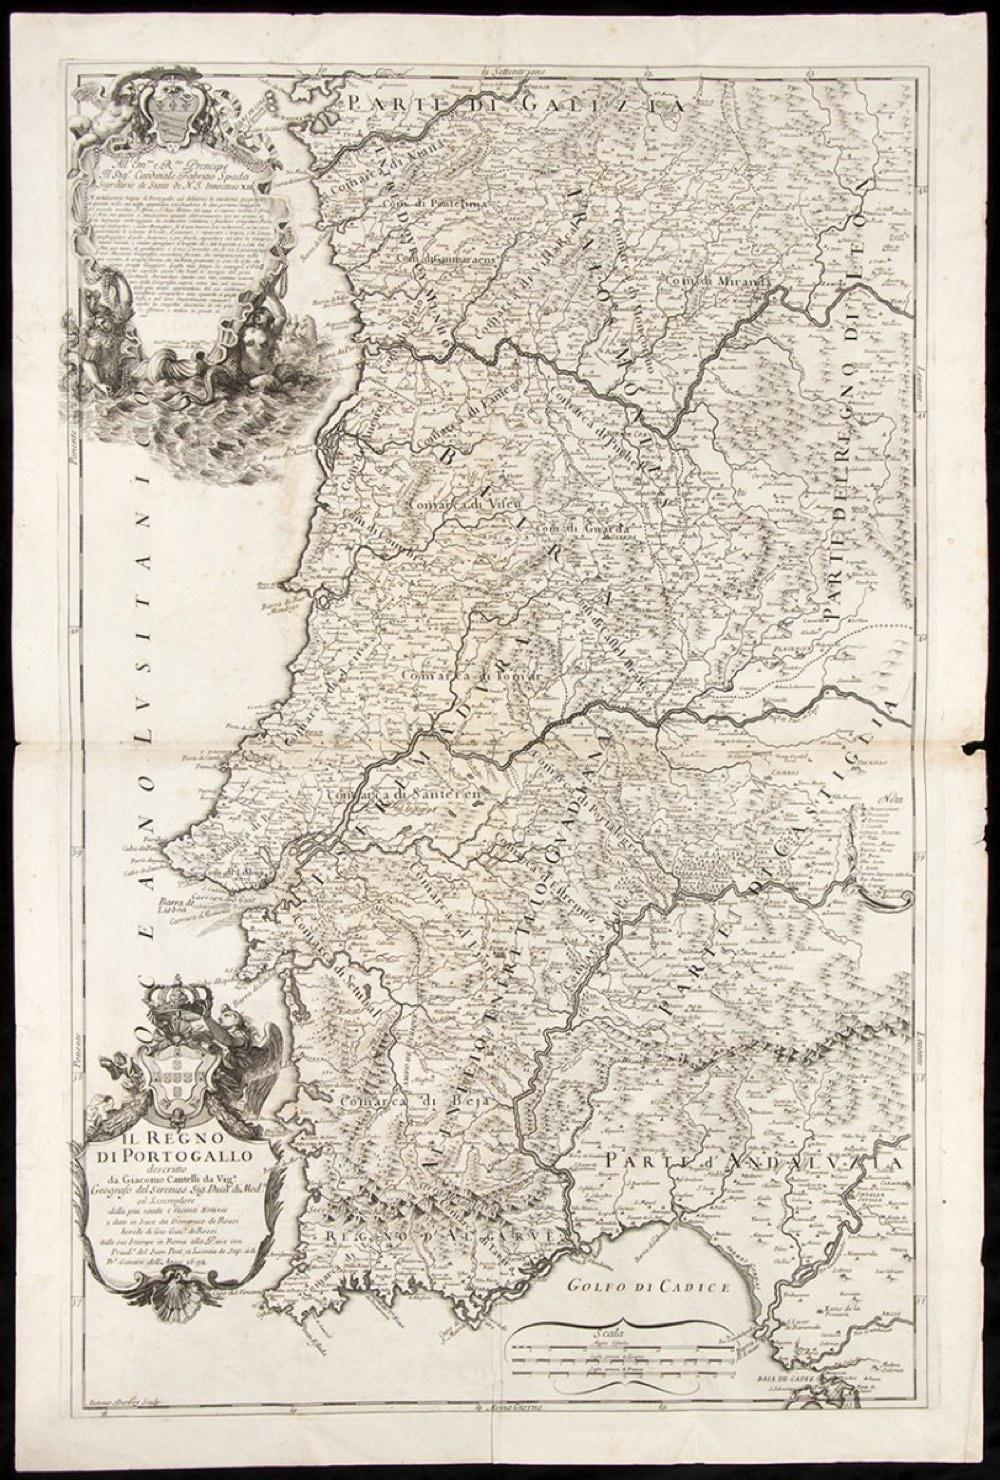 Giacomo Cantelliafter Vignola (1643-1695): IL REGNO DI PORTOGALLO